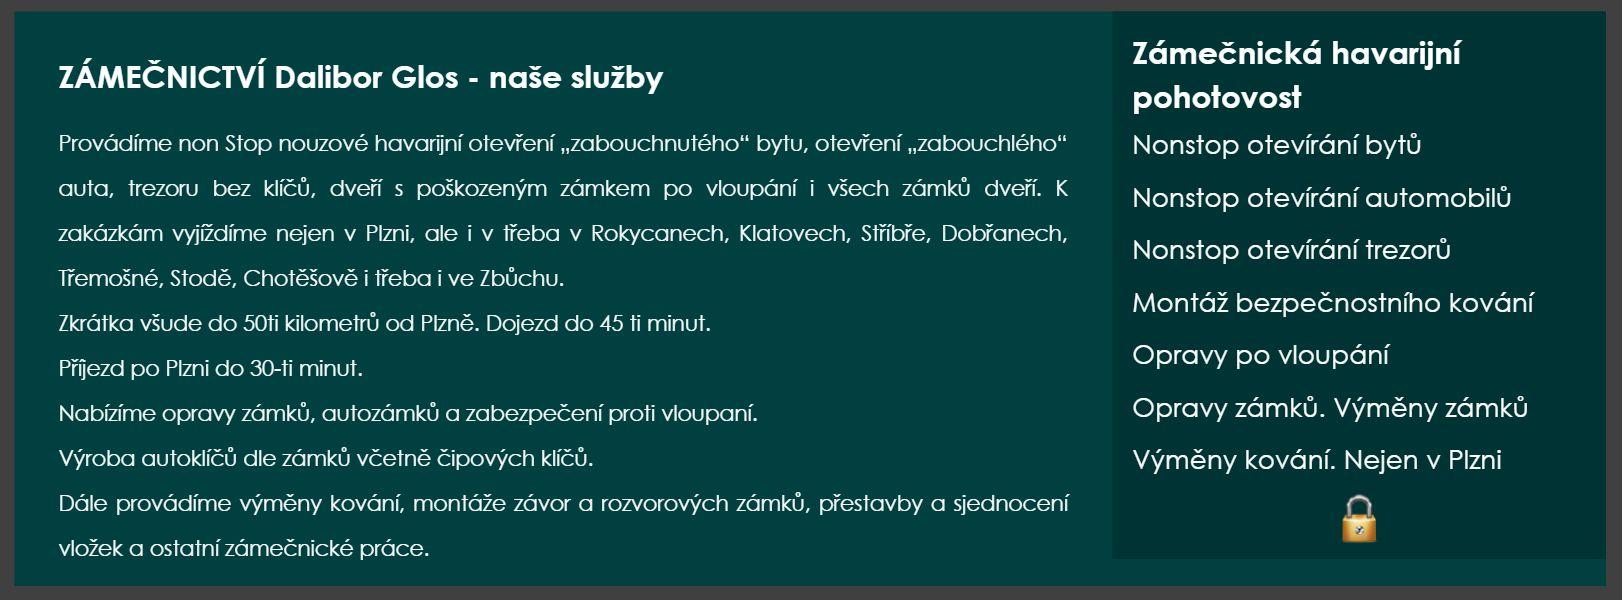 Zámečnická pohotovost Plzeň non stop zámečník v Plzni